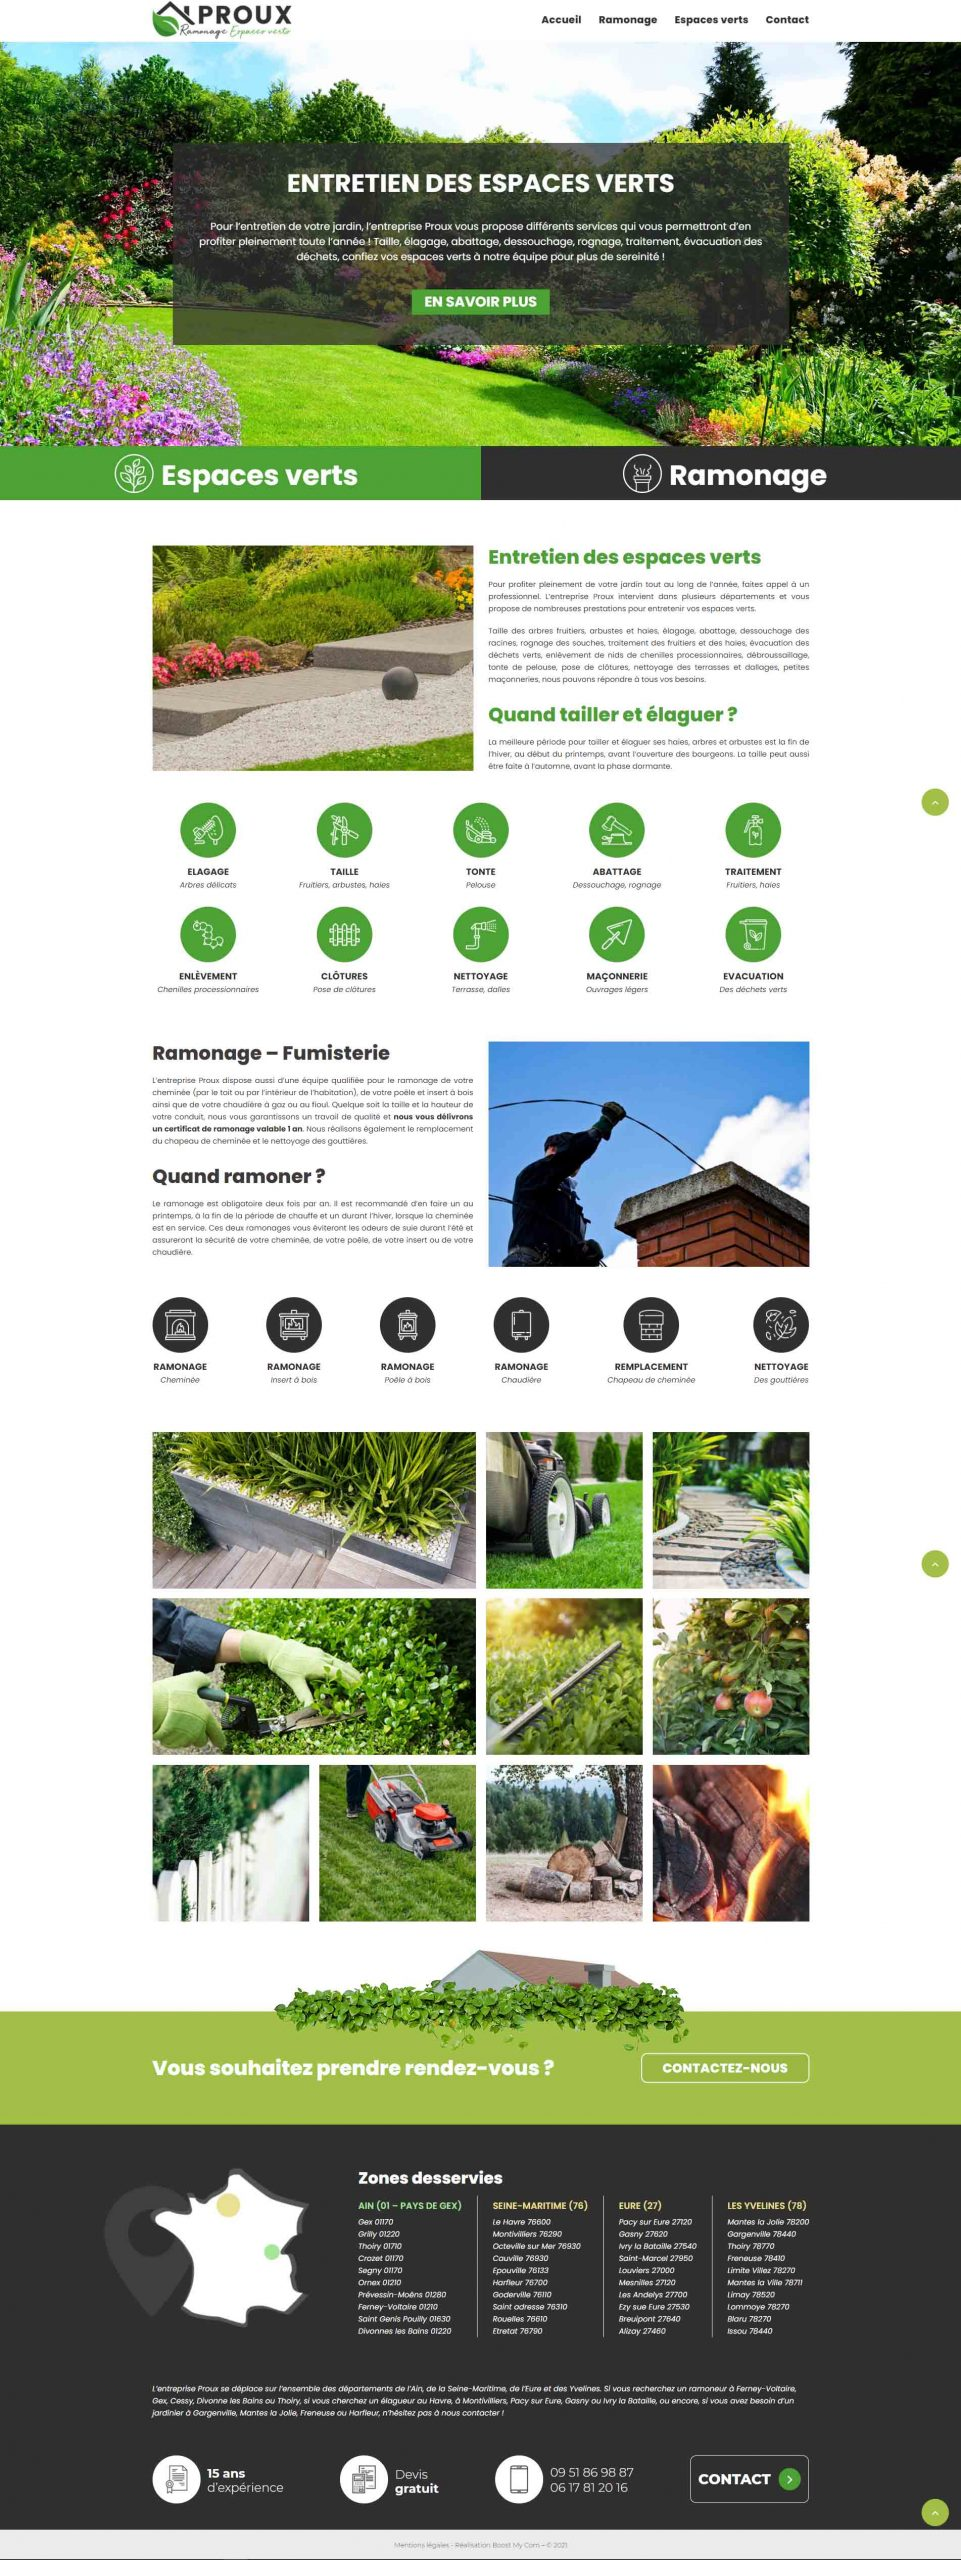 Proux ramonage espaces verts